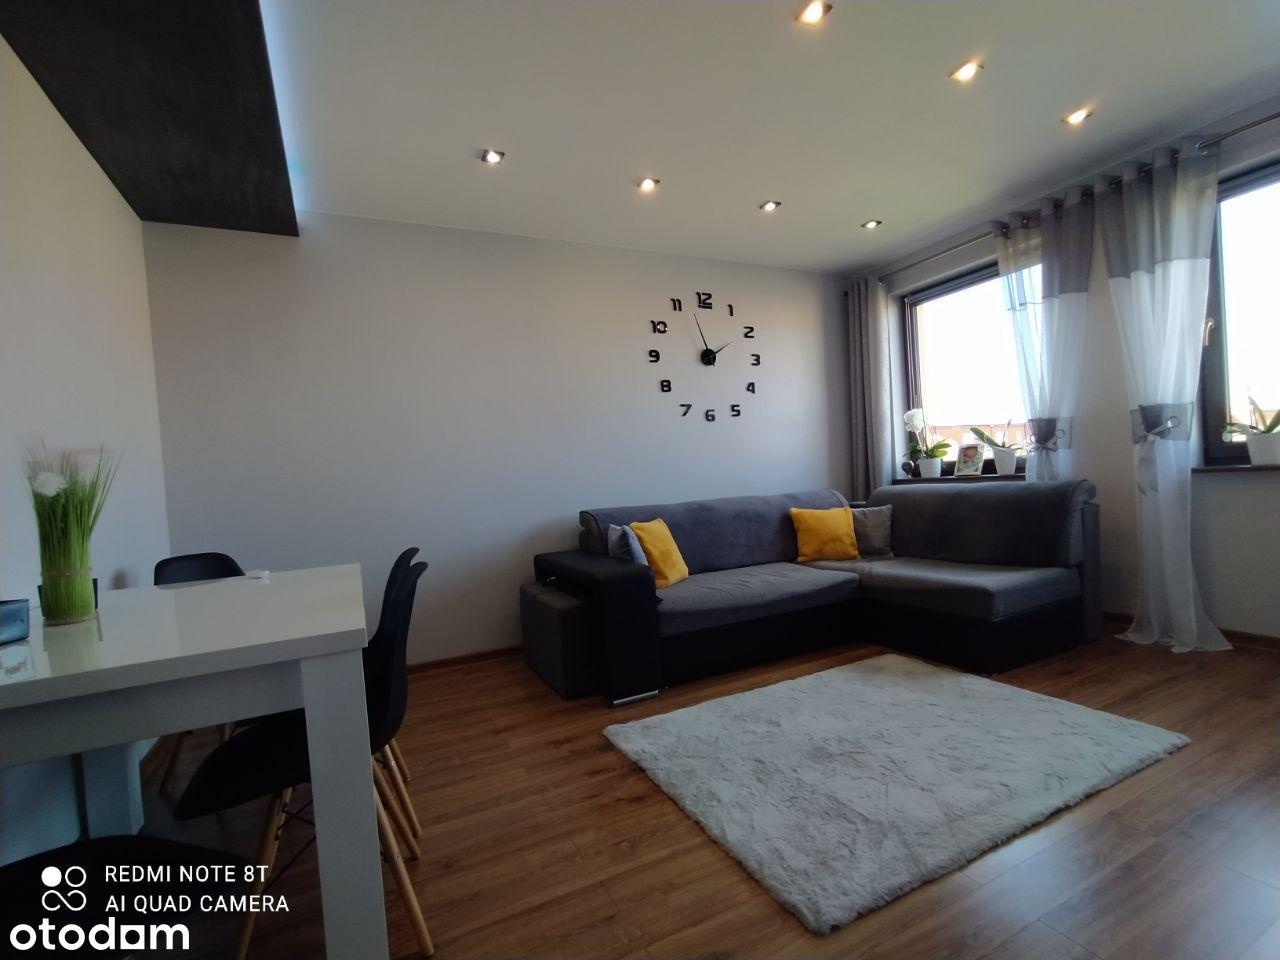 Sprzedam mieszkanie 54 m2 po generalnym remoncie.